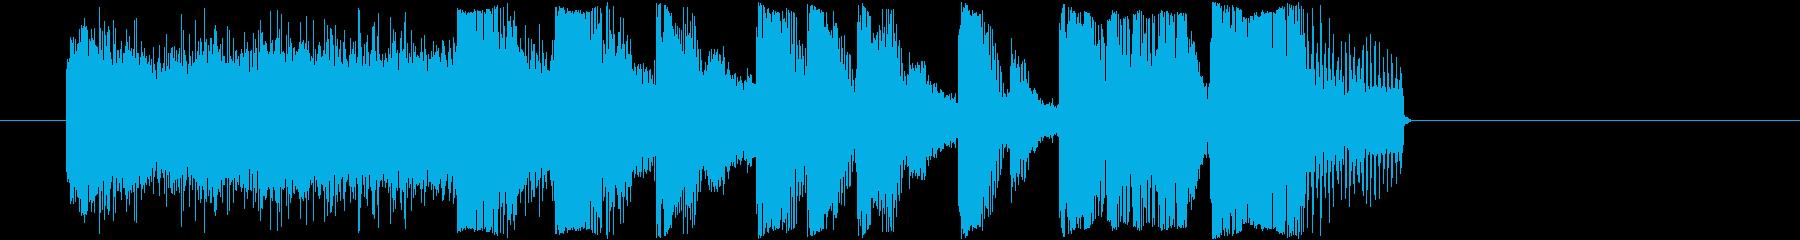 エレクト_ハイクオリティージングル_16の再生済みの波形